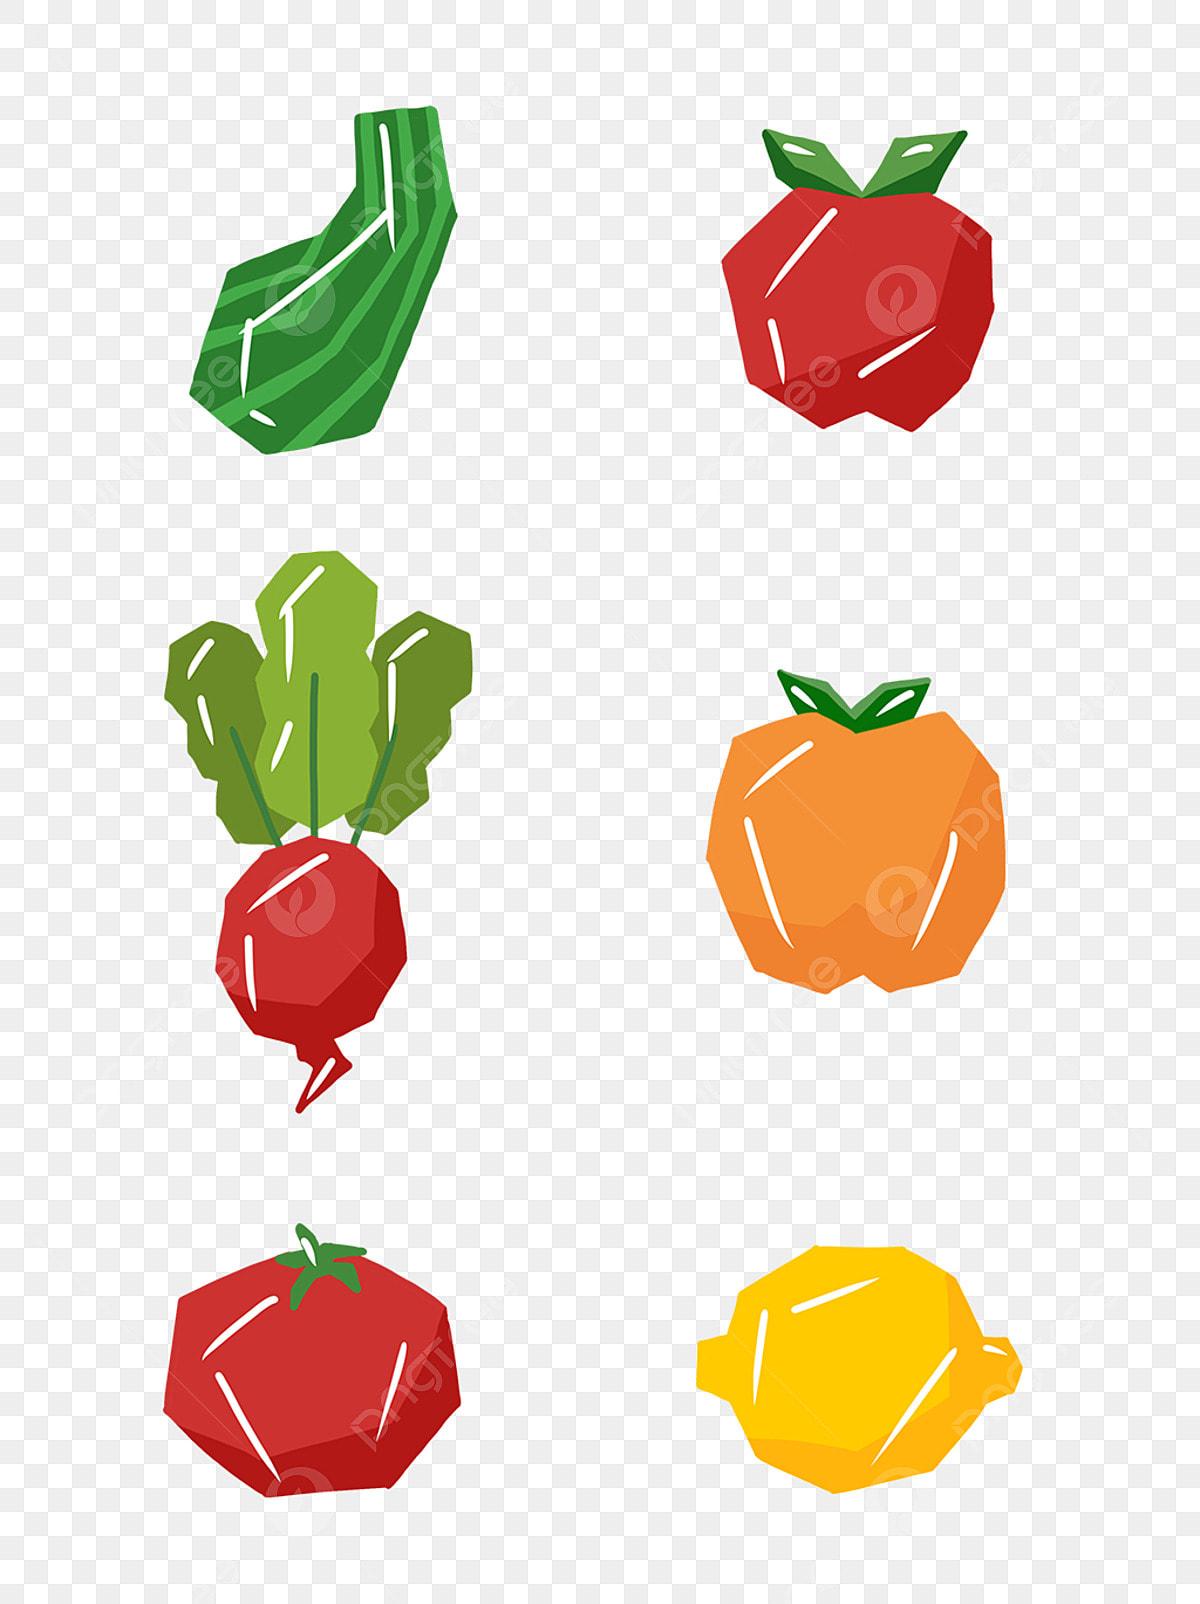 Dibujado A Mano De Dibujos Animados Gourmet Simple Fruta Y